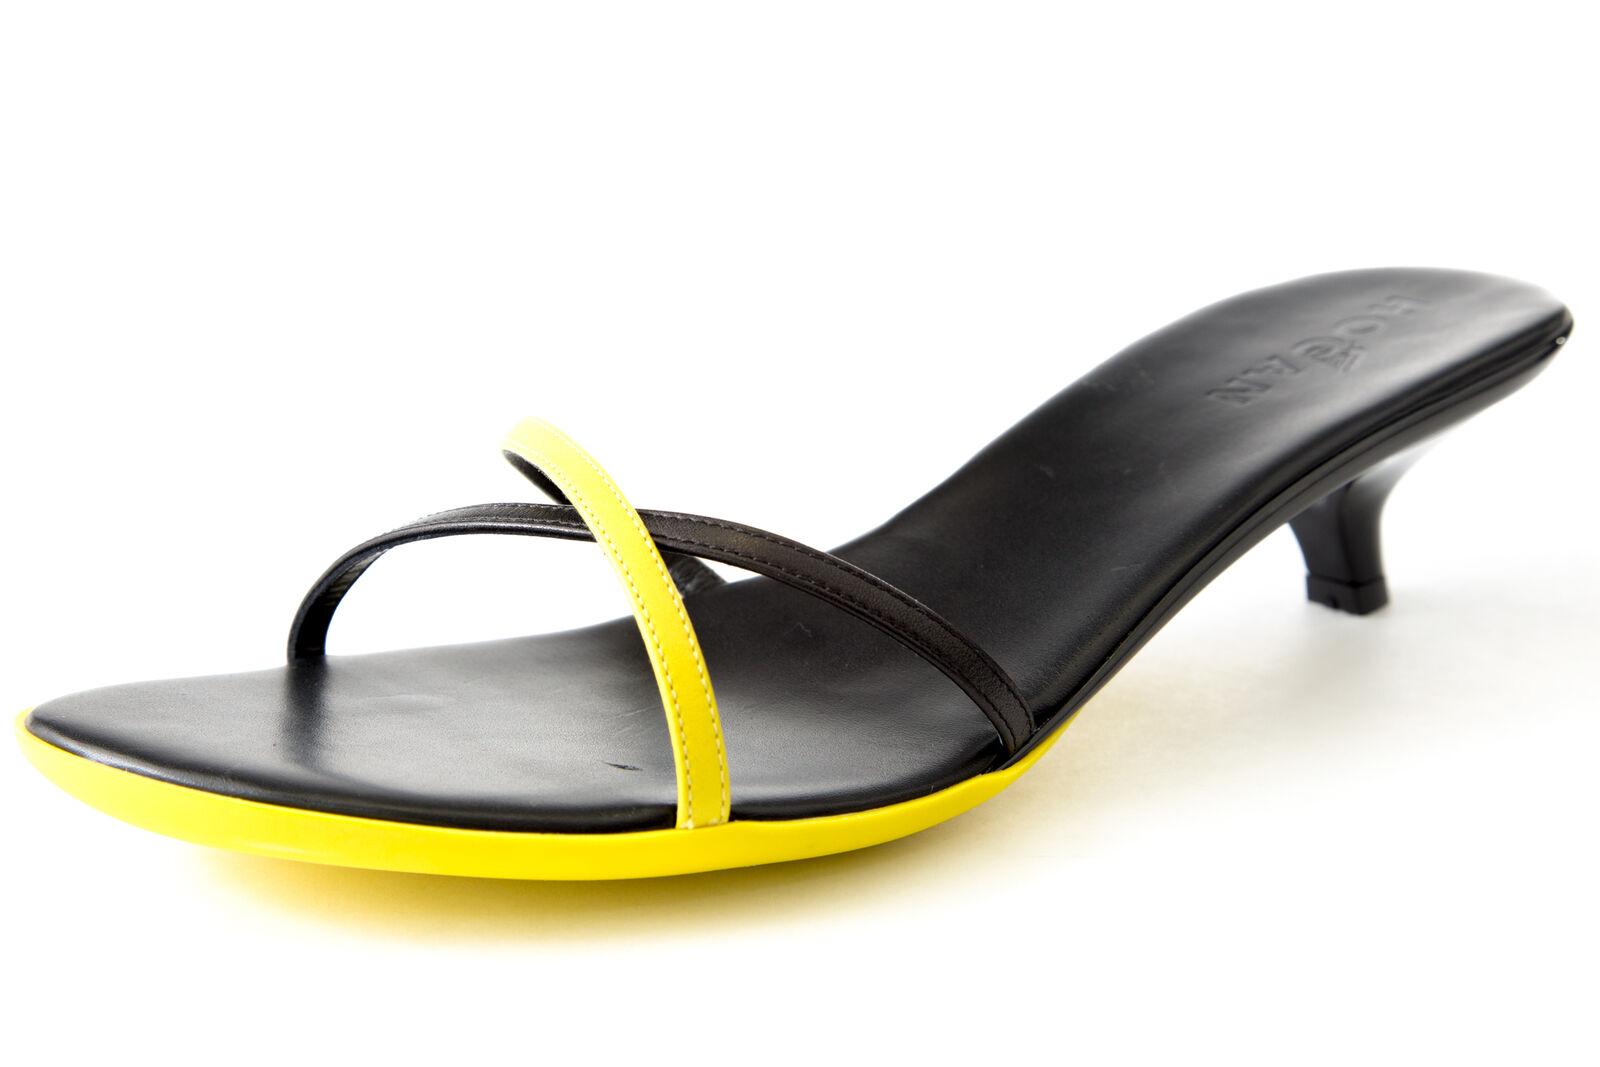 Hogan par TOD'S Nappe Croisées Bandes Chaussures Noires   Jaune Taille 9 Neuf